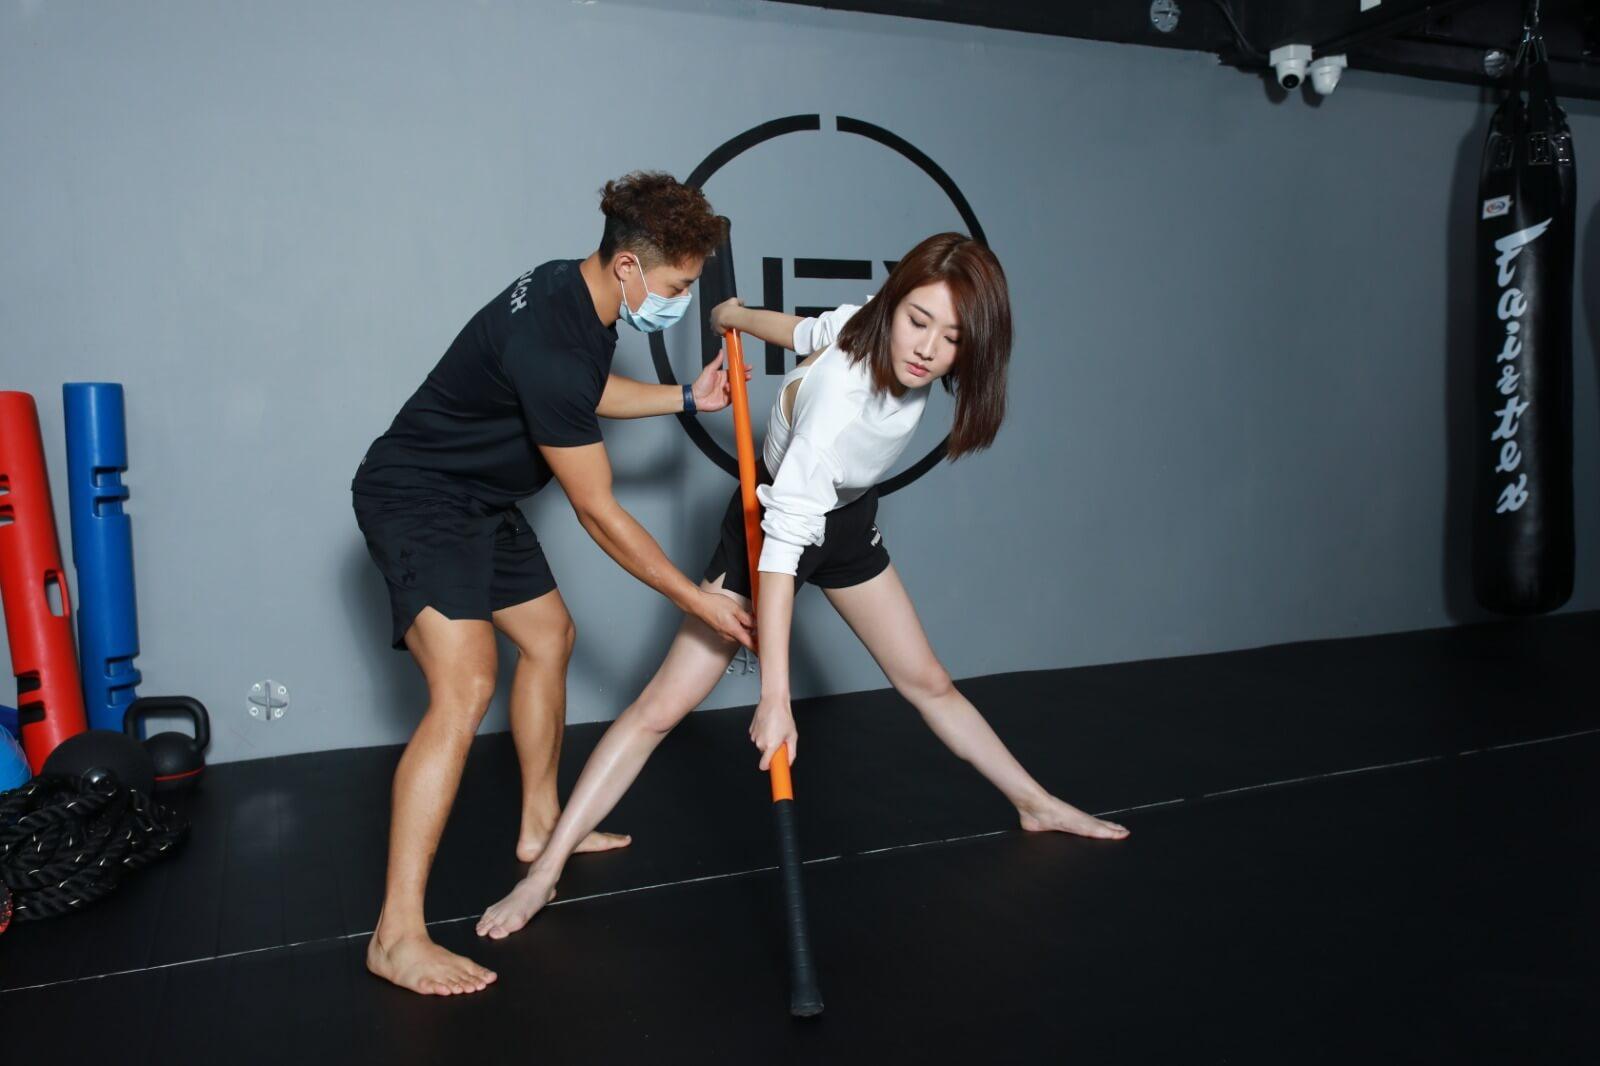 對於筋腱比較緊的鄧佩儀來說,每次拉筋都感到好痛。